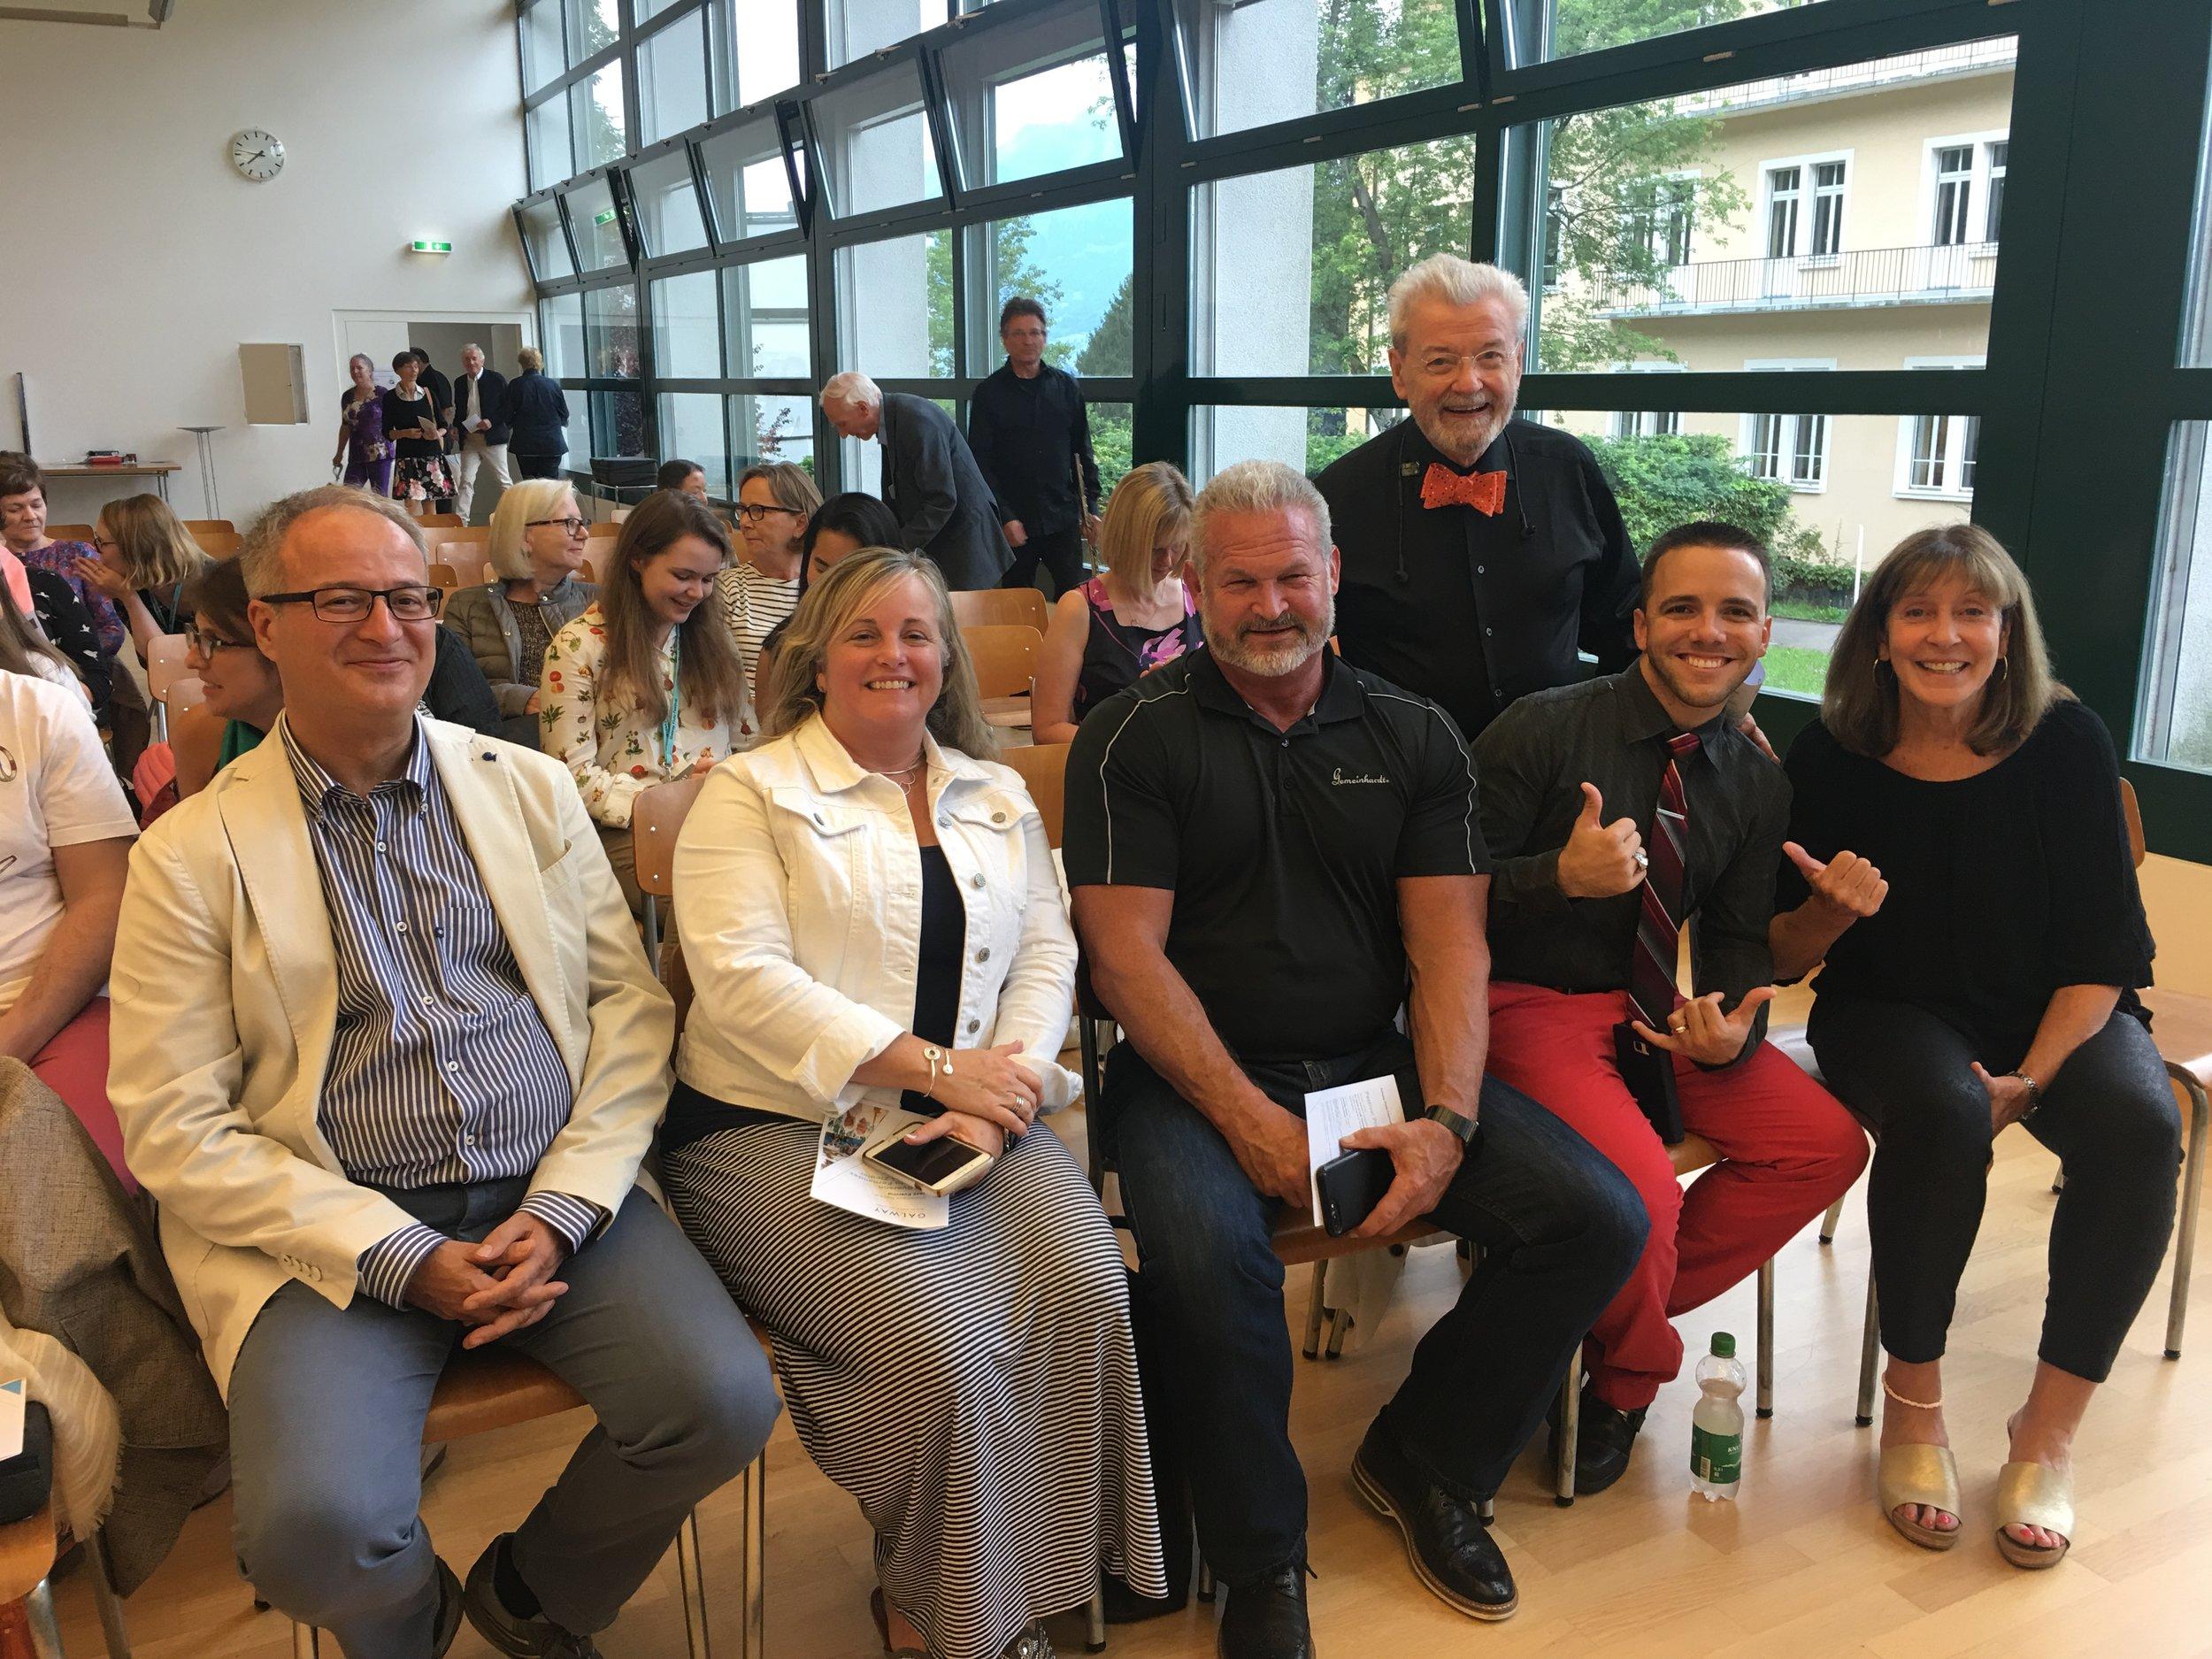 Nicolla Mazzanti, Gemeinhardt Representatives Jennifer Baunoch & David Pirtle, Sir James Galway, Ernesto Fernandez & Ali Ryerson